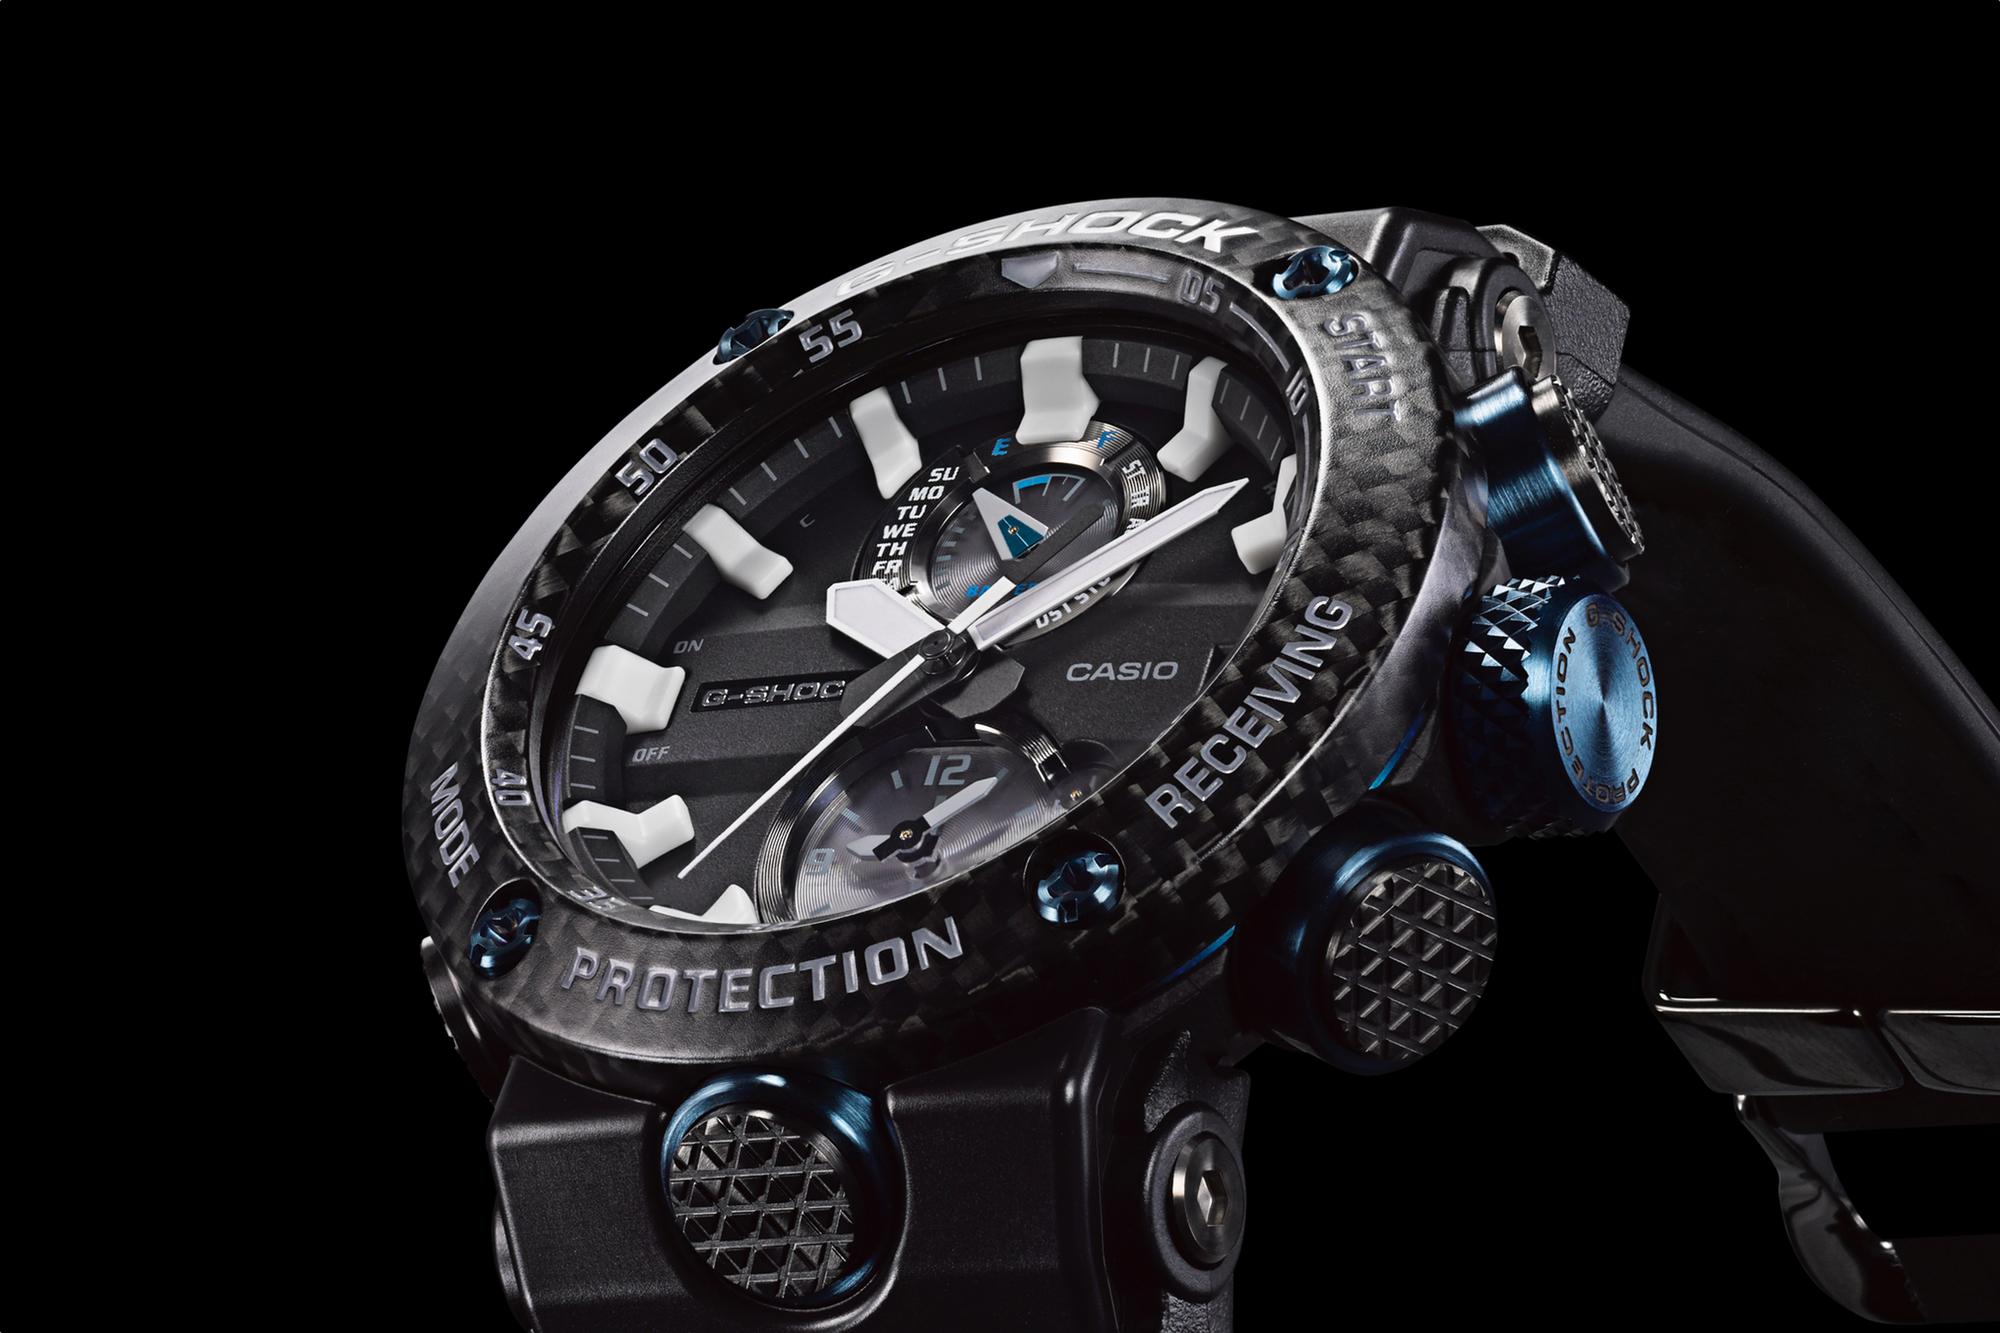 Limited Edition Gravitymaster GWRB1000X-1A